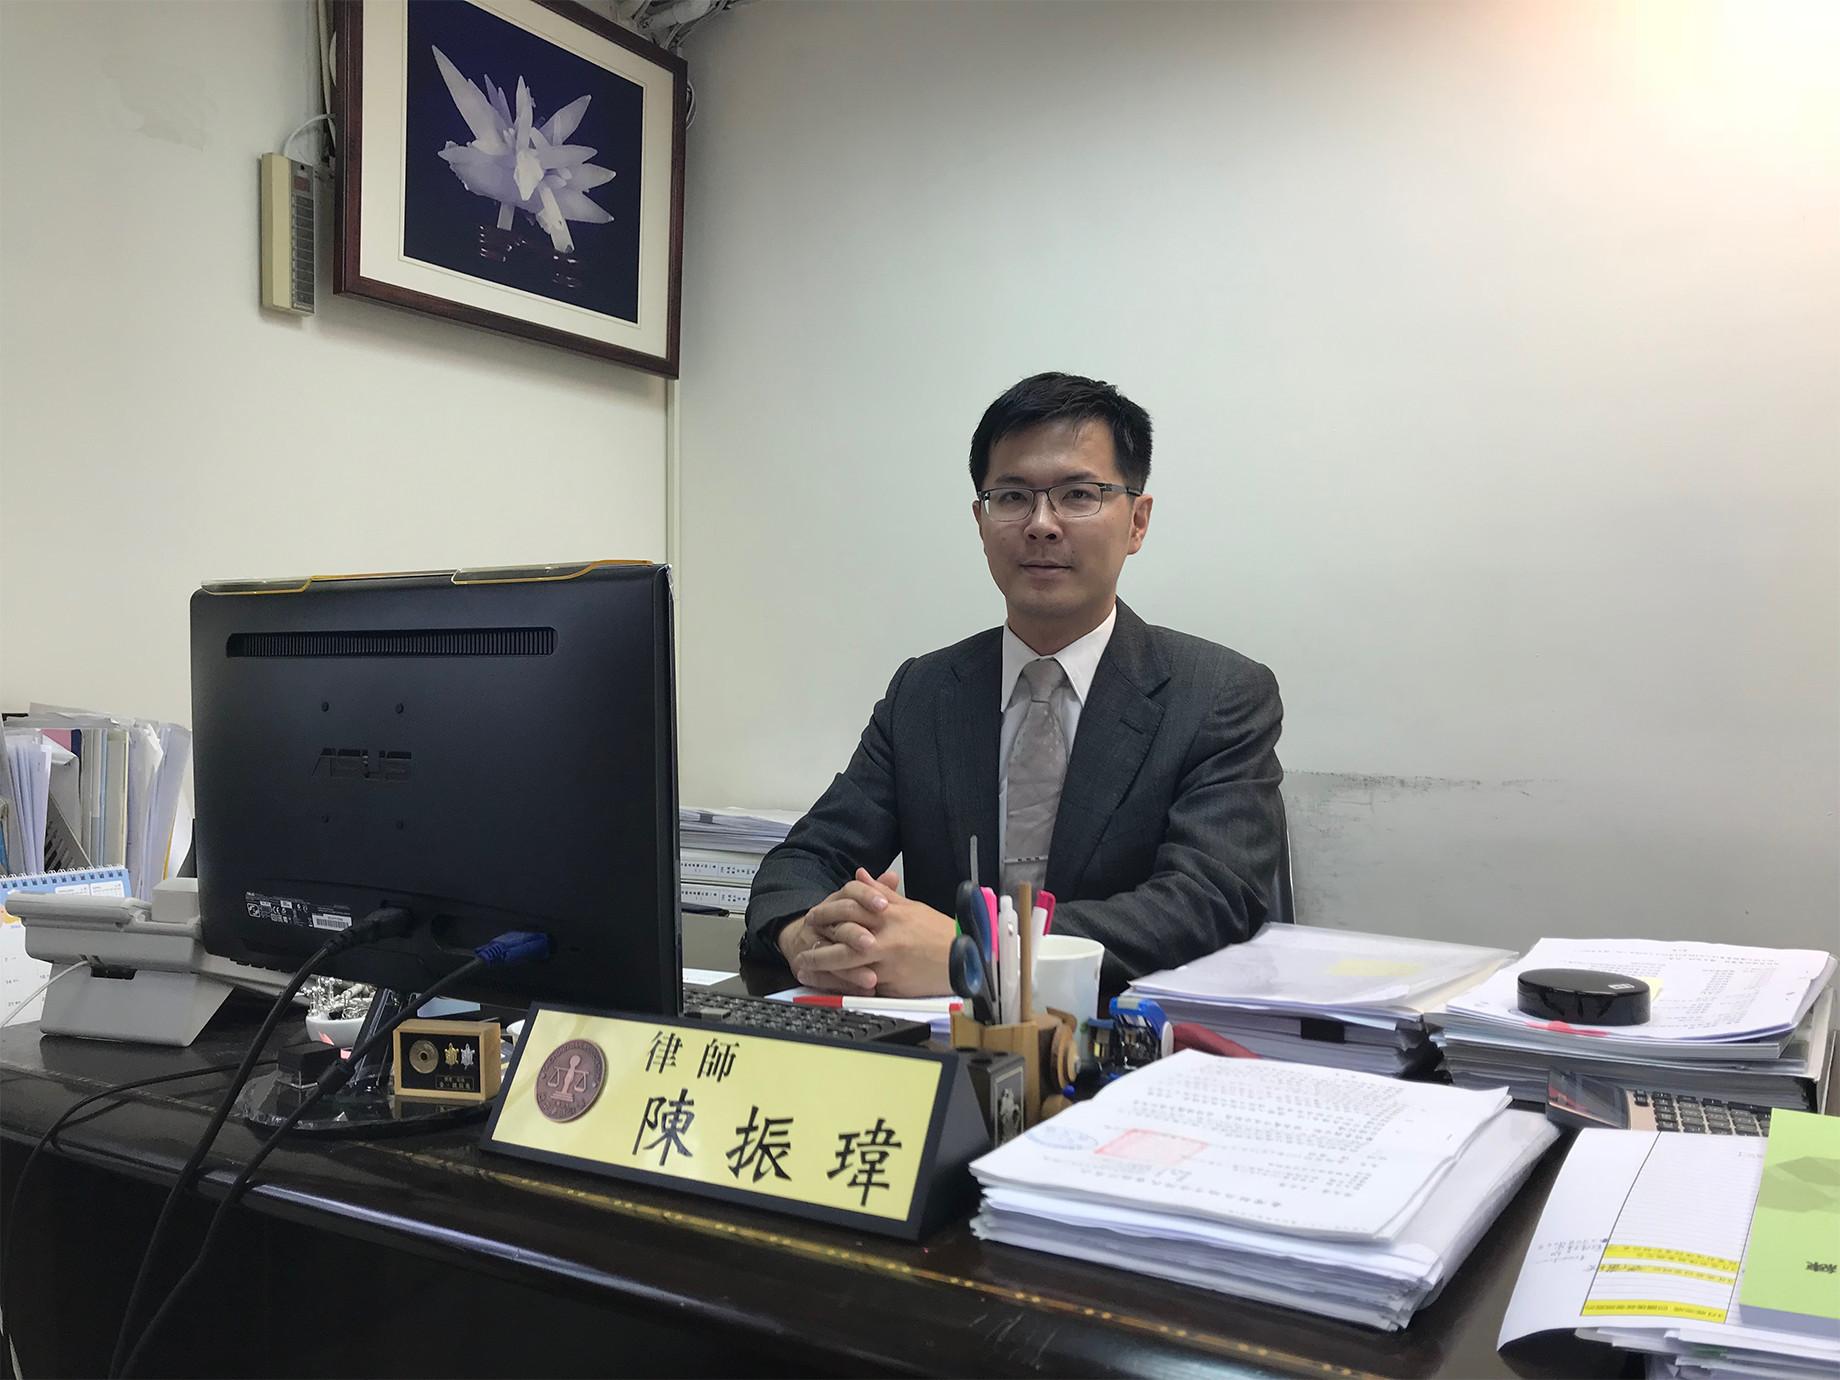 台灣自媒體協會企業報導》品牌找網紅代言,雙方該注意哪些法律規範?